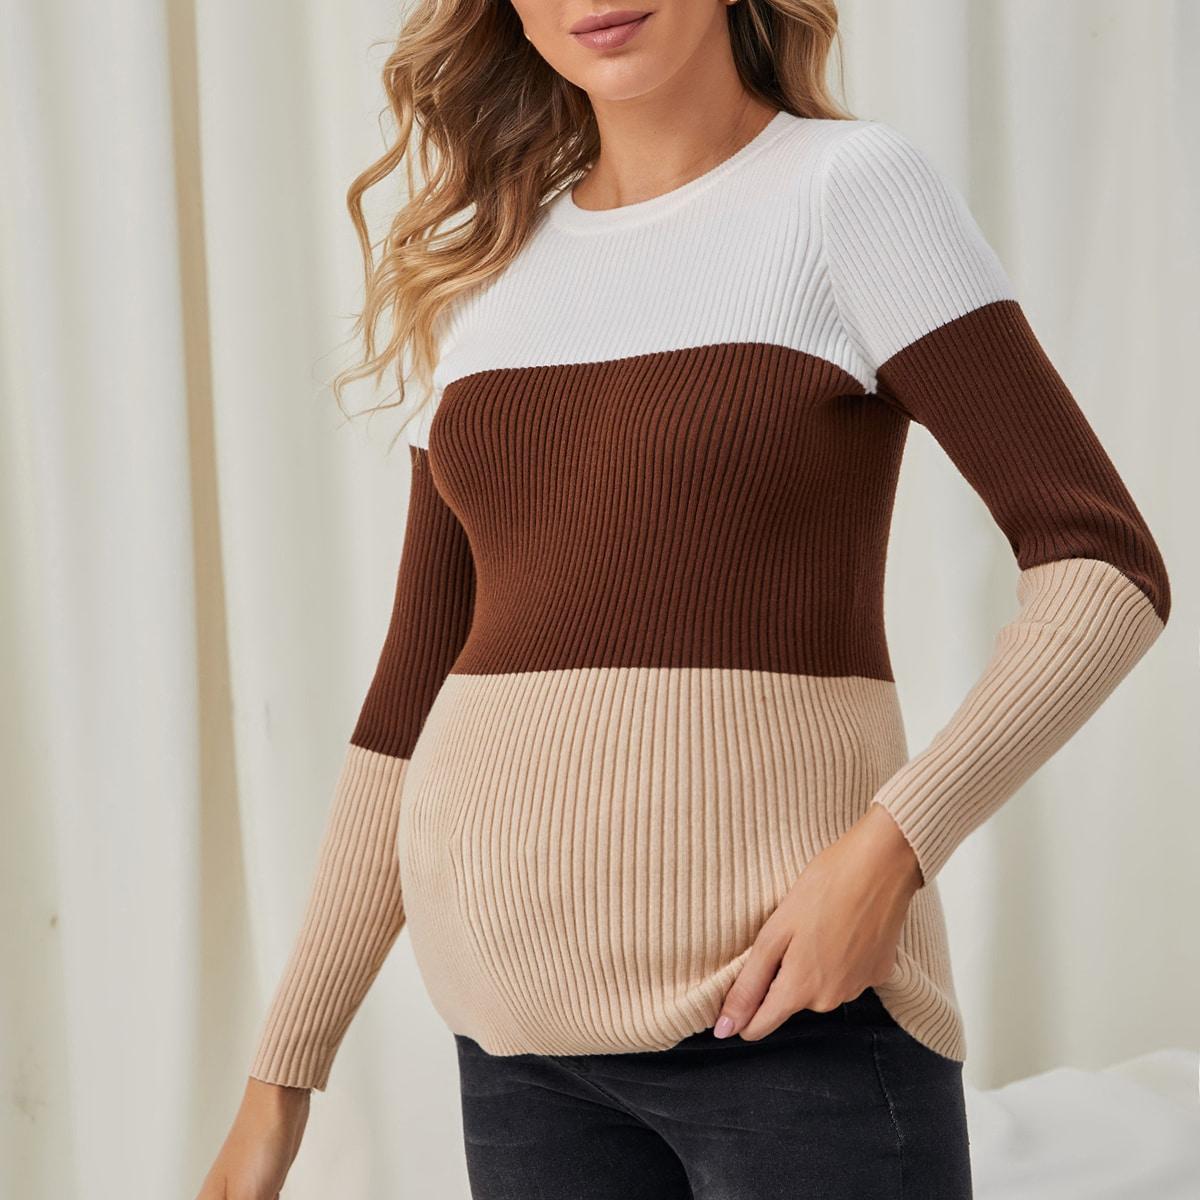 Трикотажный контрастный цвет повседневный свитеры для беременных